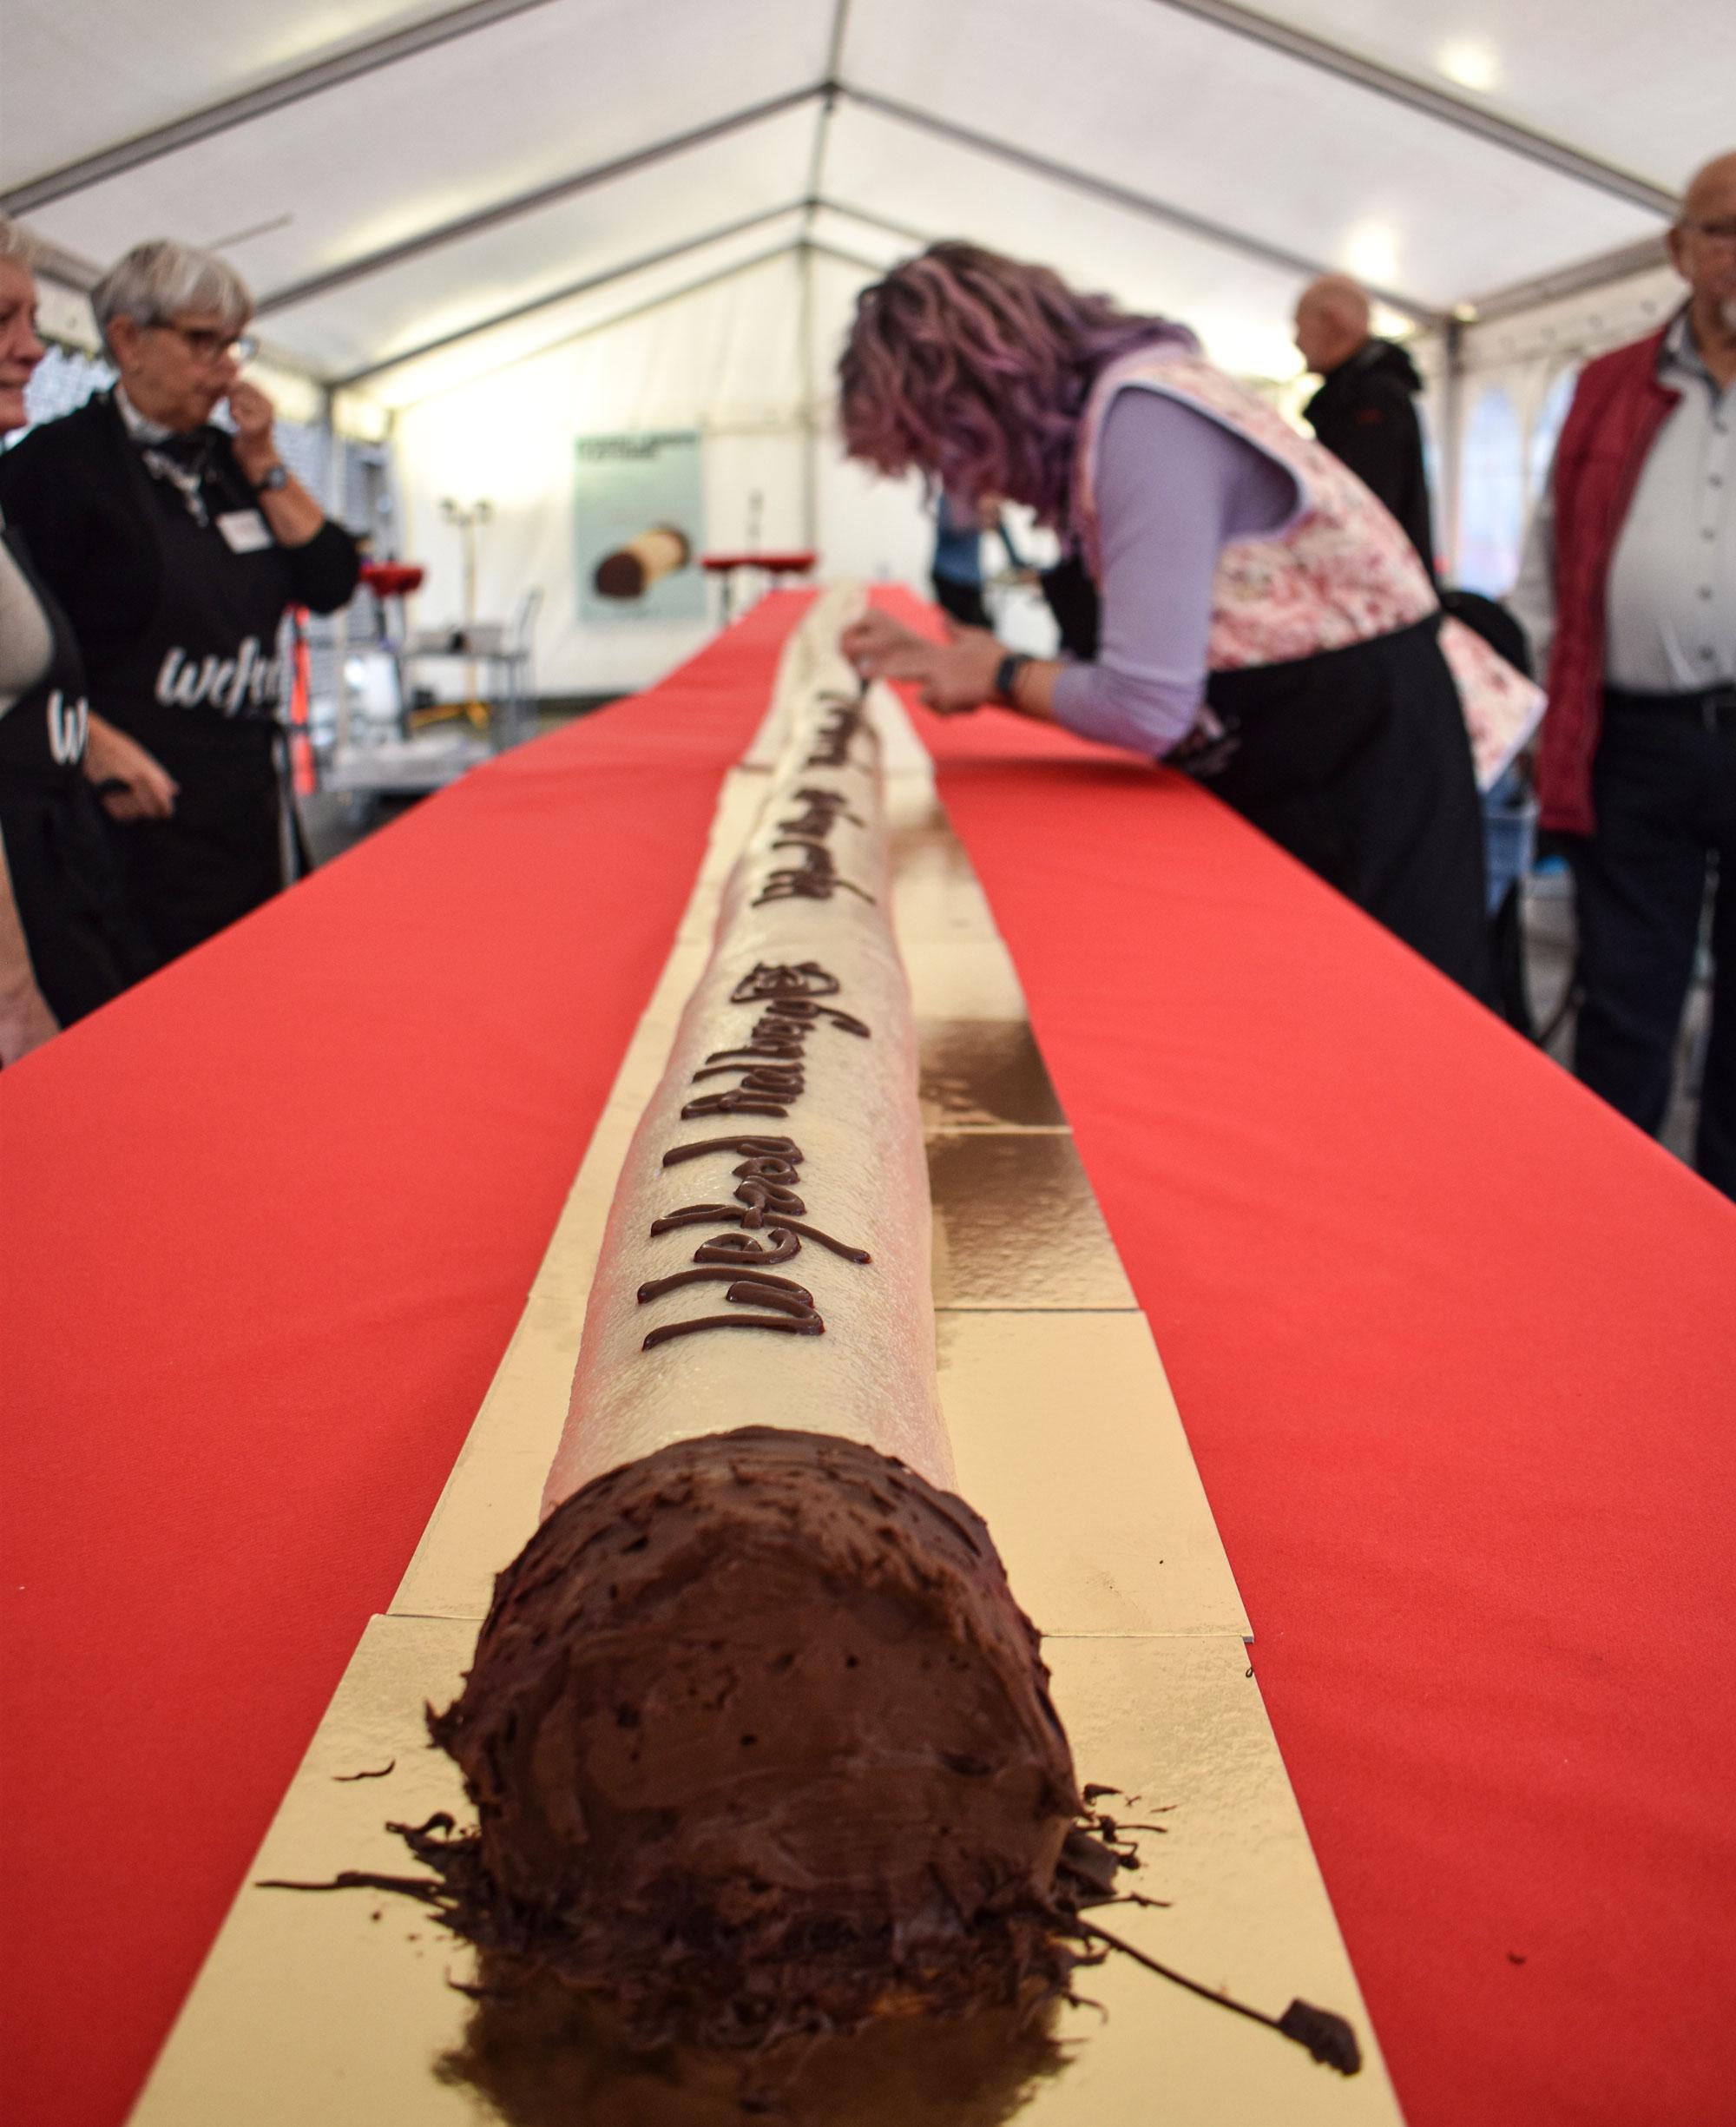 I dag går det løs: Kom og smag verdens længste træstamme